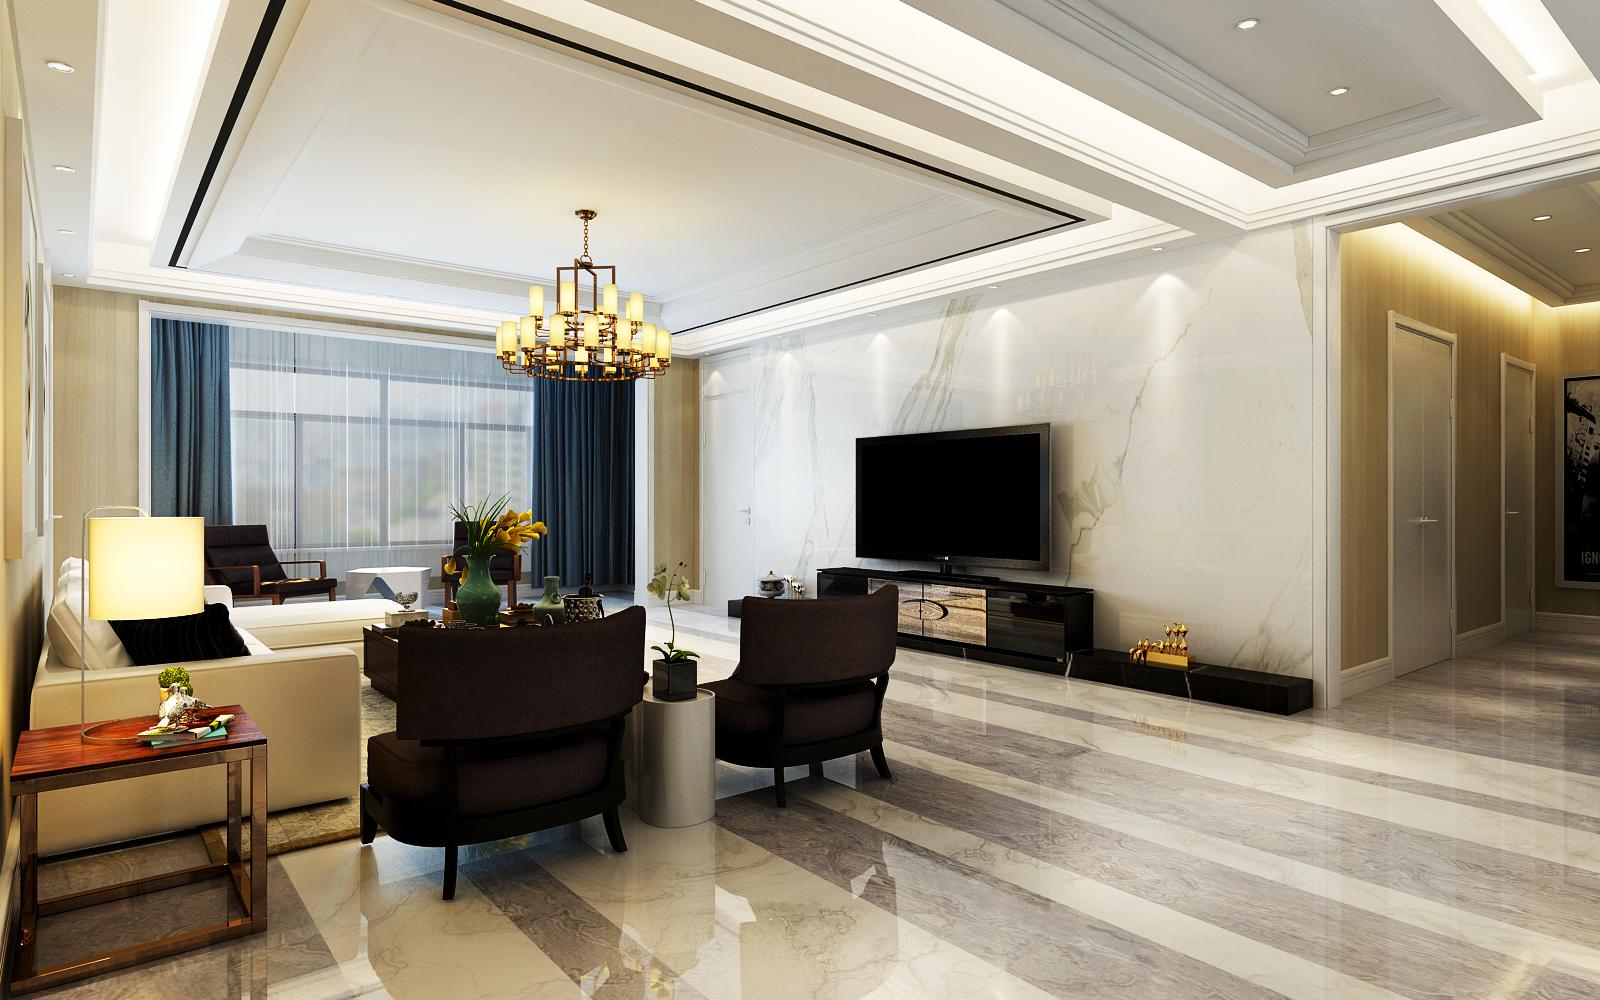 客厅电视背景墙采用浅色理石装饰,搭配黑色电视柜,整体高端大气图片